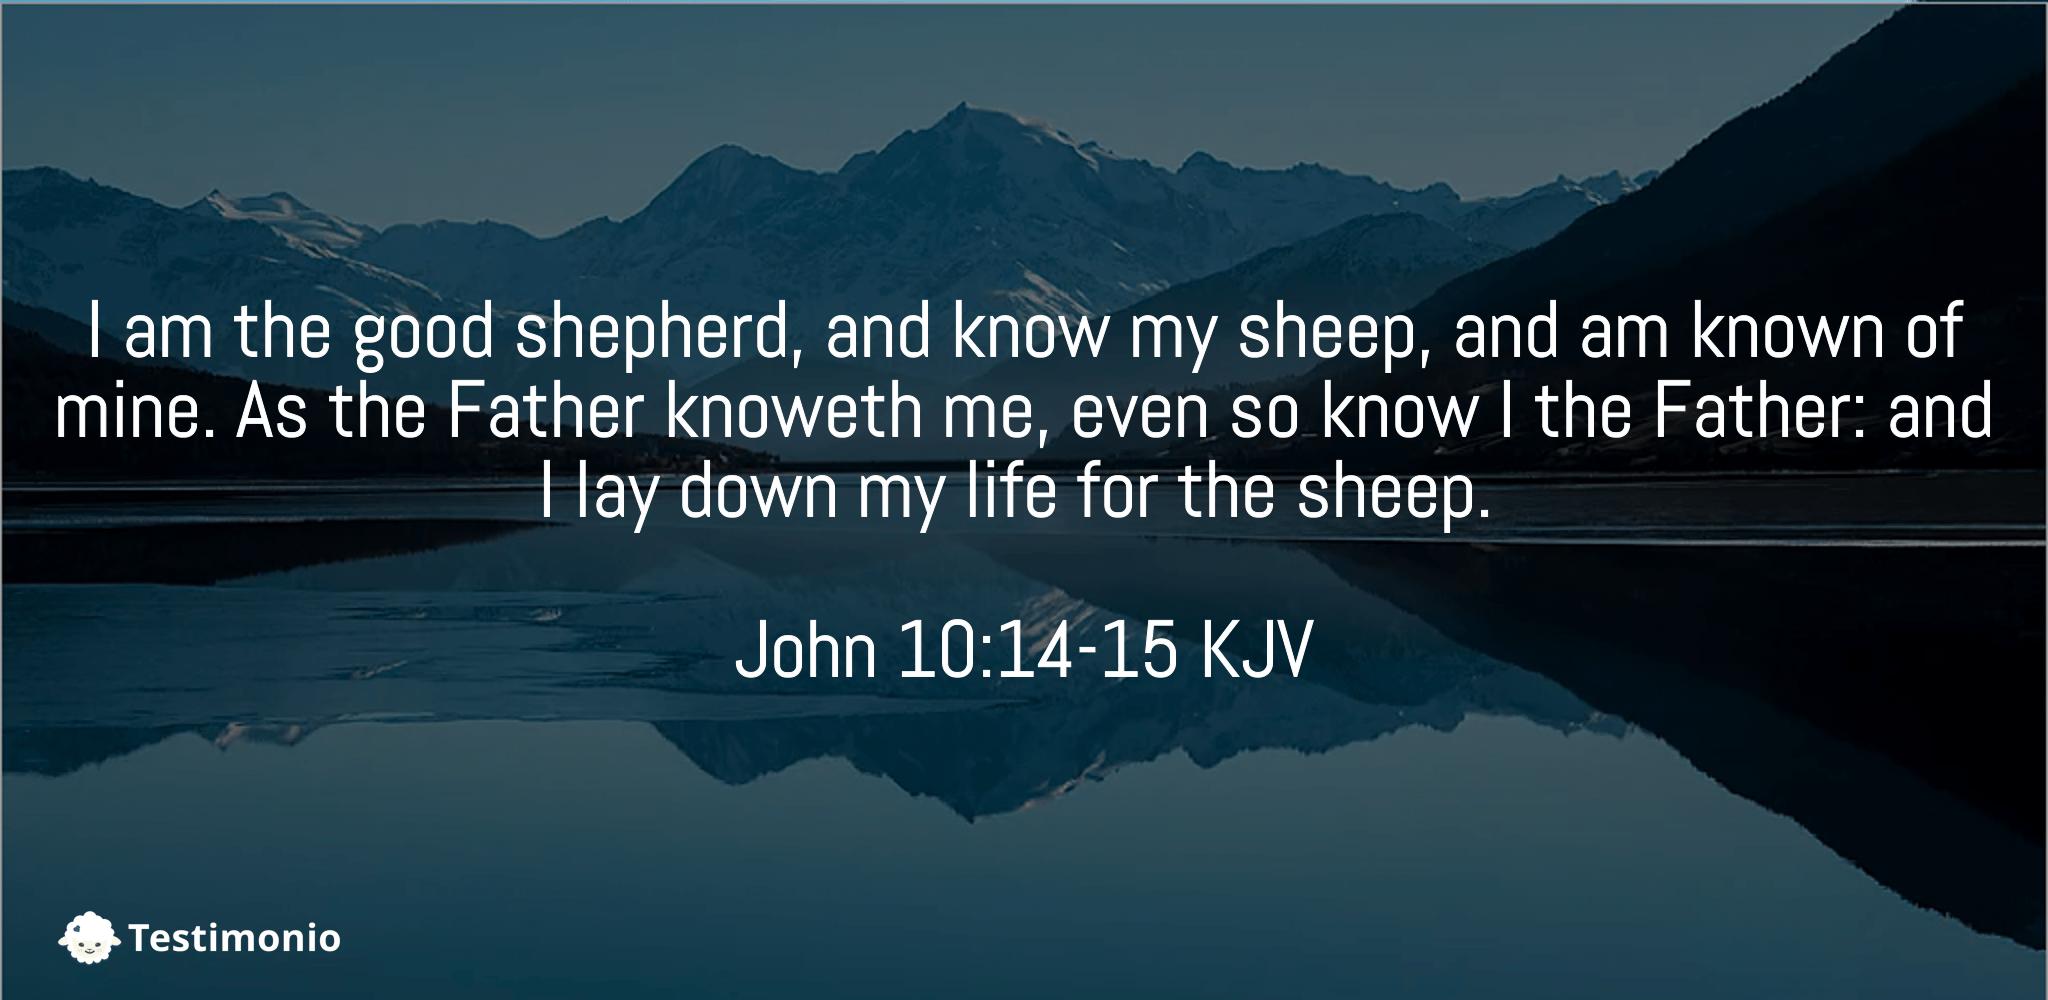 John 10:14-15